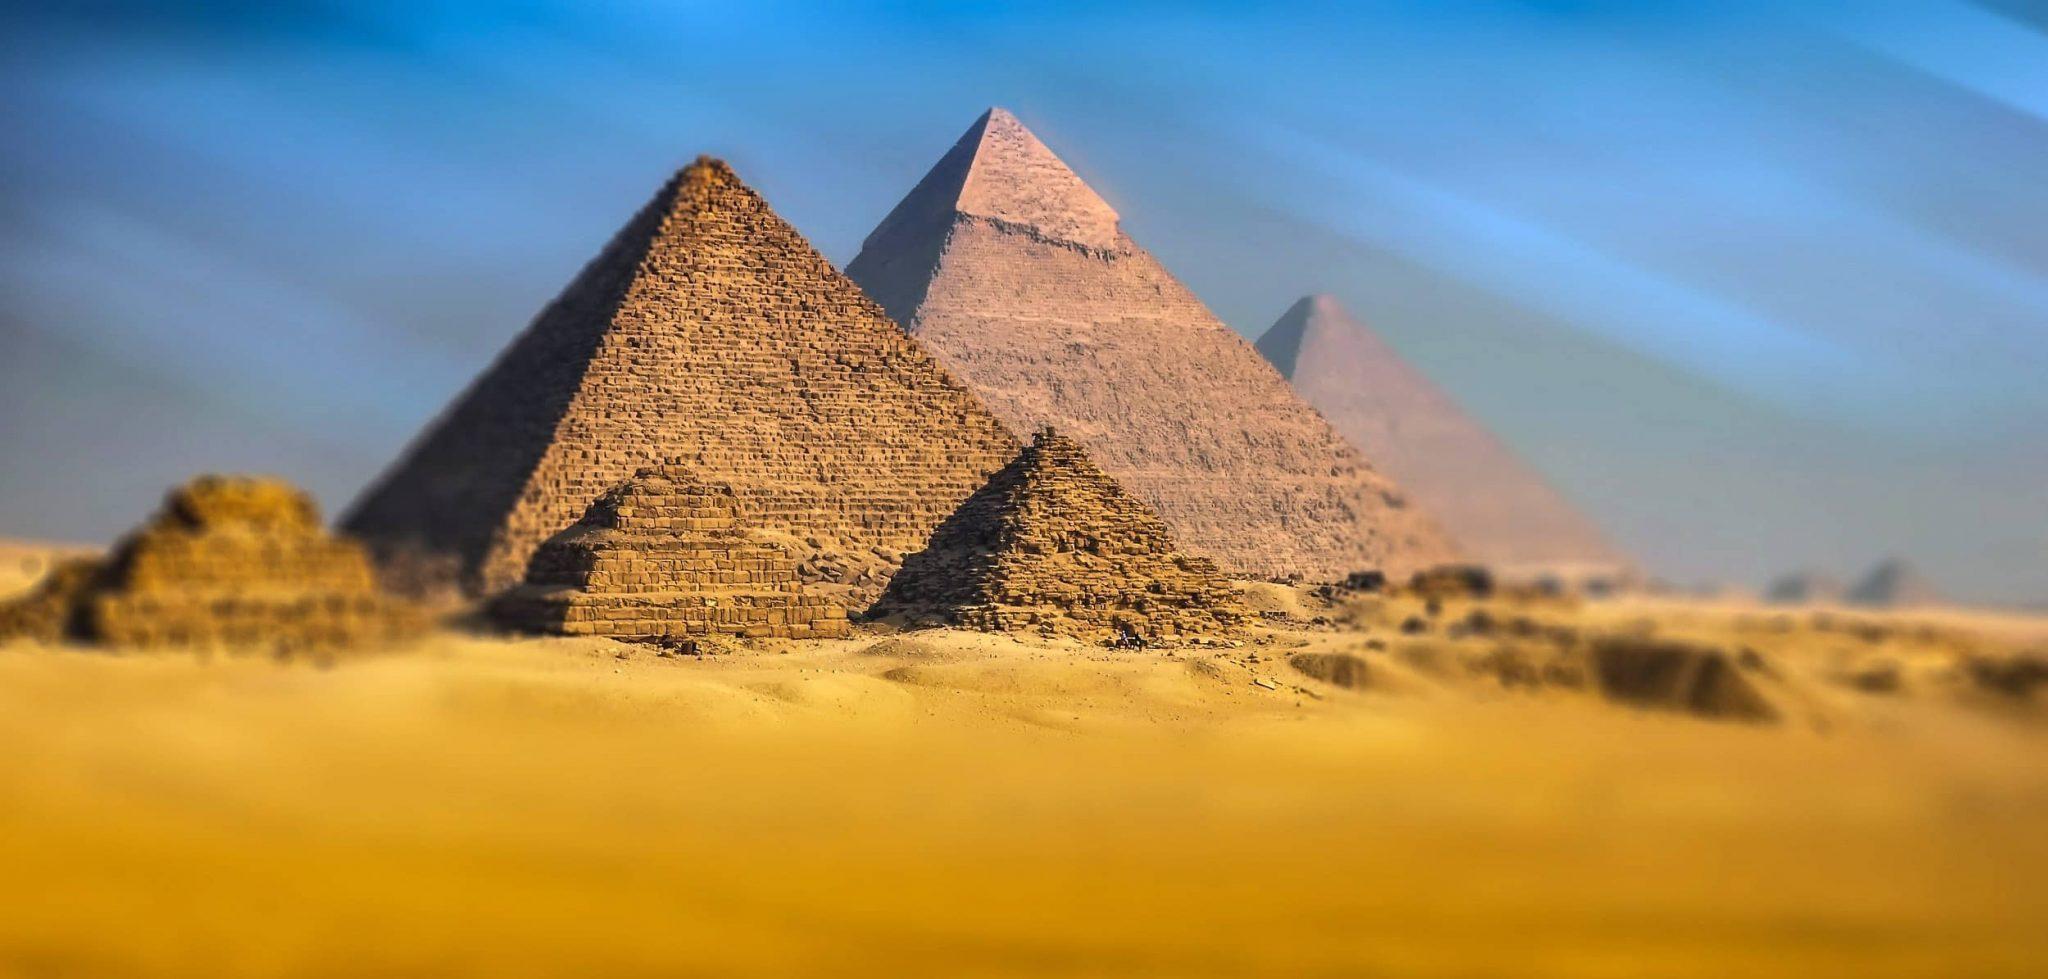 Pirámide de Guiza, la segunda más grande del mundo.